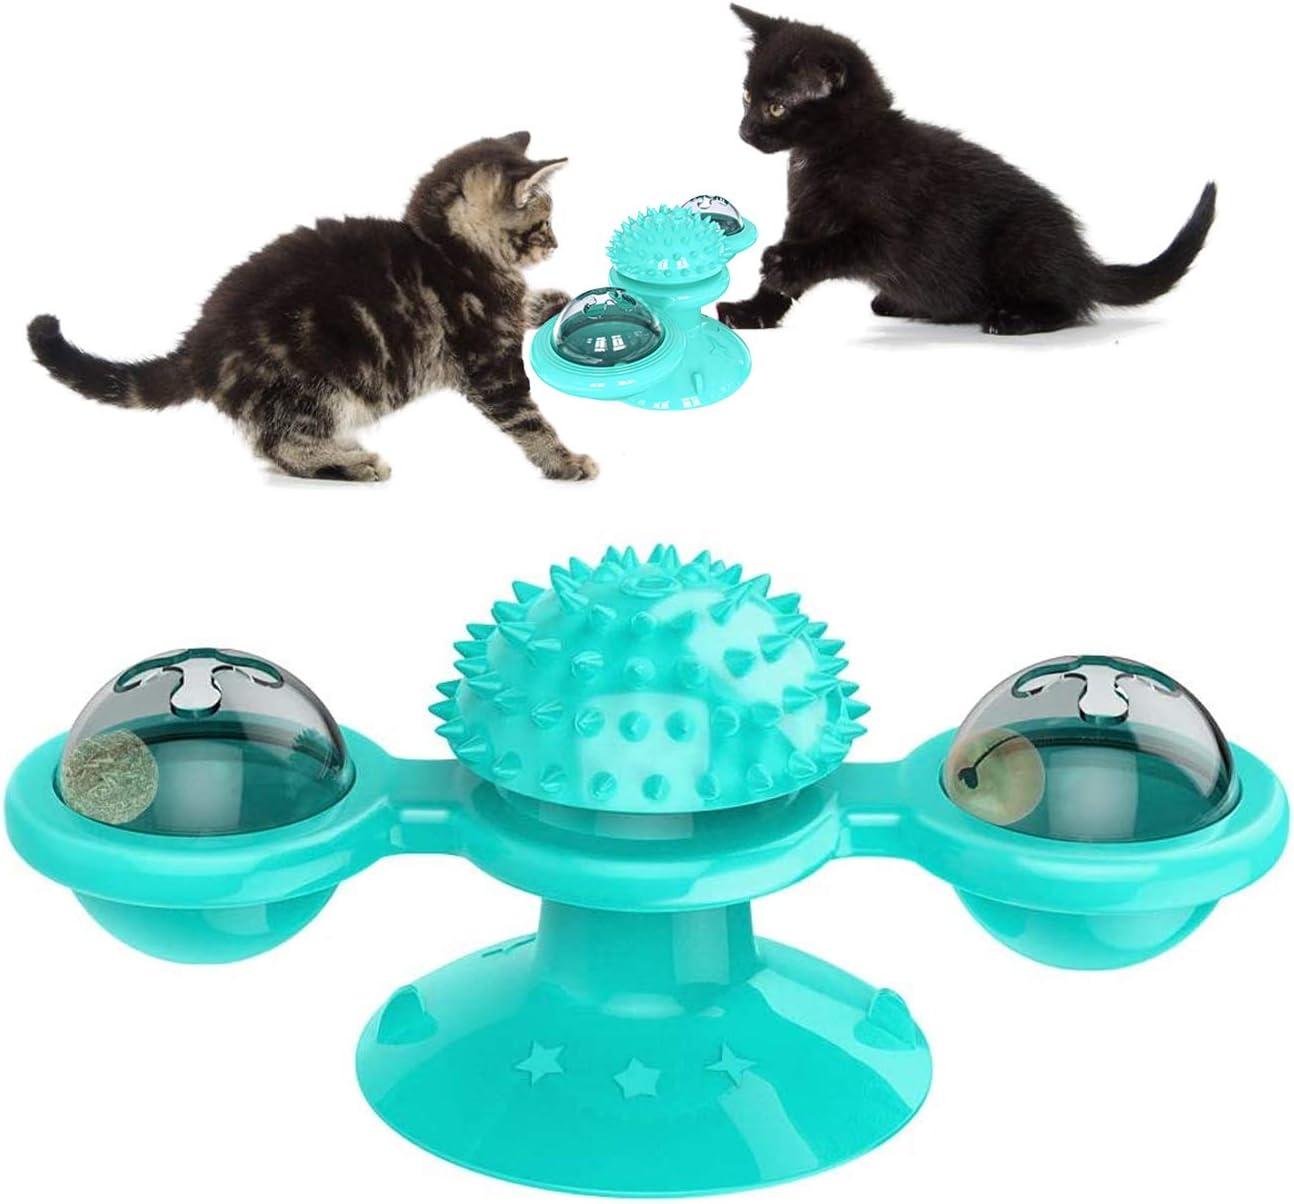 PTN Molino de Viento para Gatos, Juguete Giratorio para Mascotas con Bola Brillante LED y Hierba Gatera, Juguete Interactivo de Burlas Giratorias para Gatos, Función Molar, Aliviar La Ansiedad